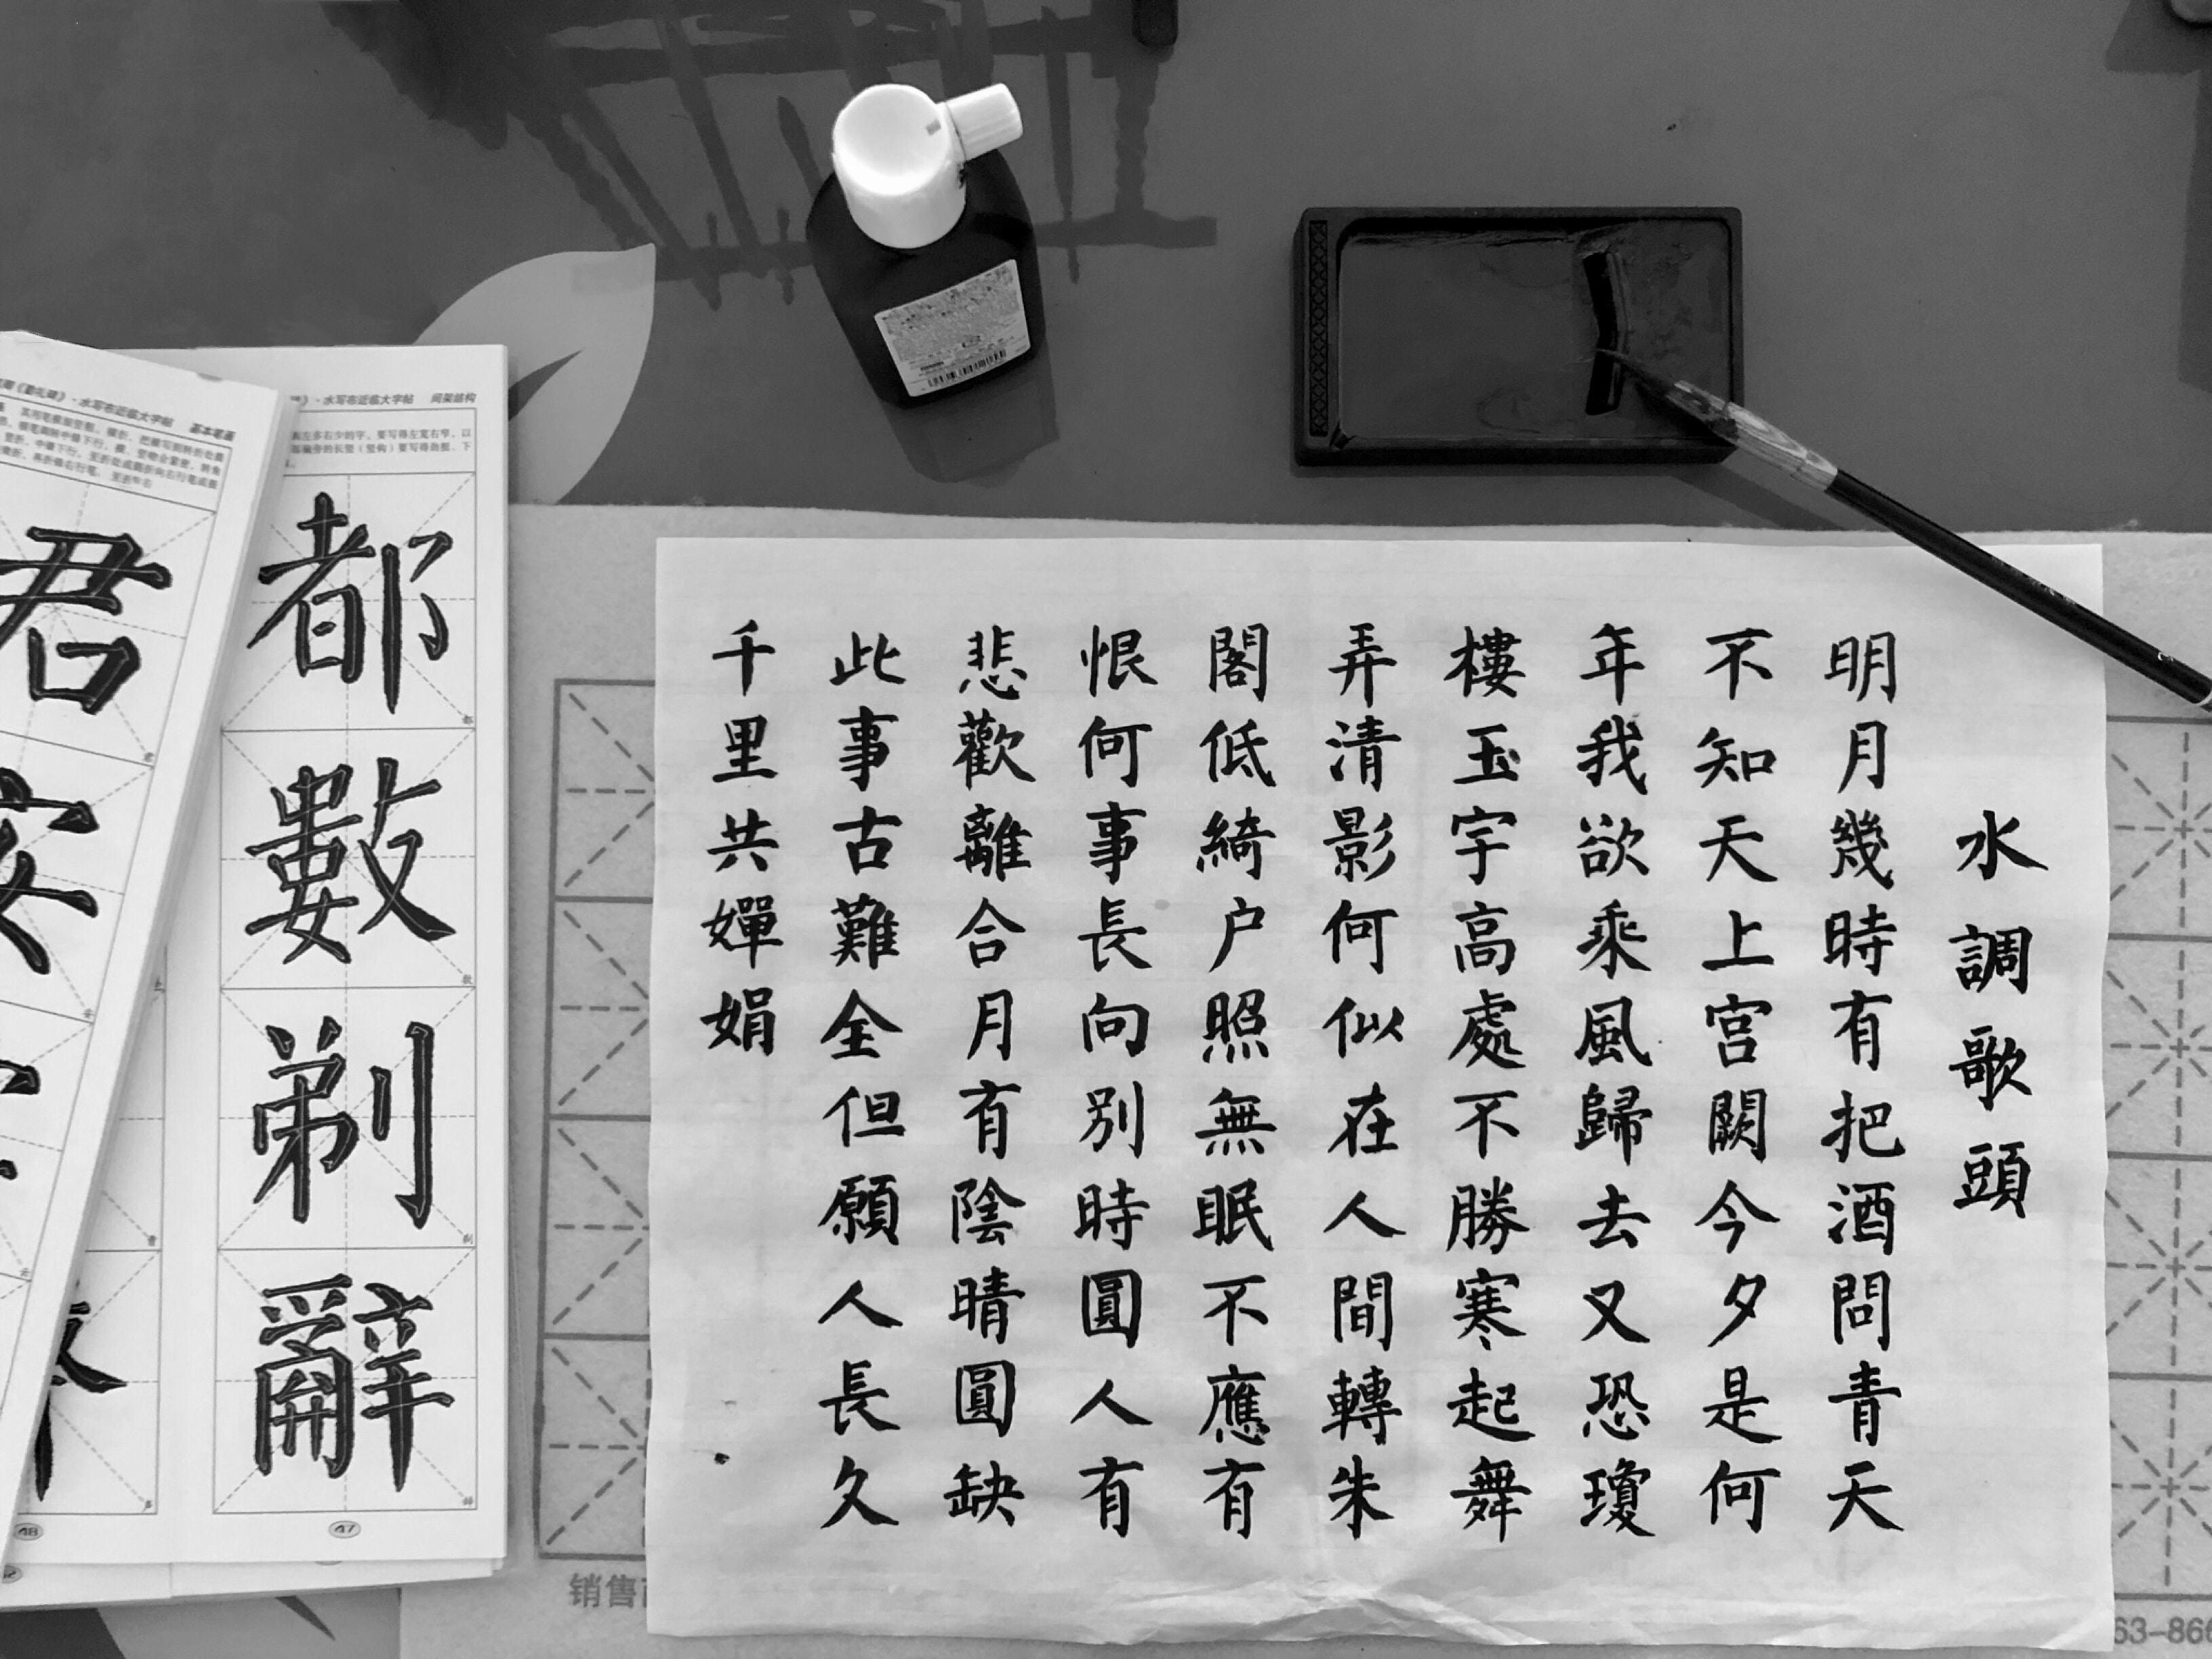 Çin Dili Edebiyatı, Sinoloji, Çince Mütercim Tercümanlık